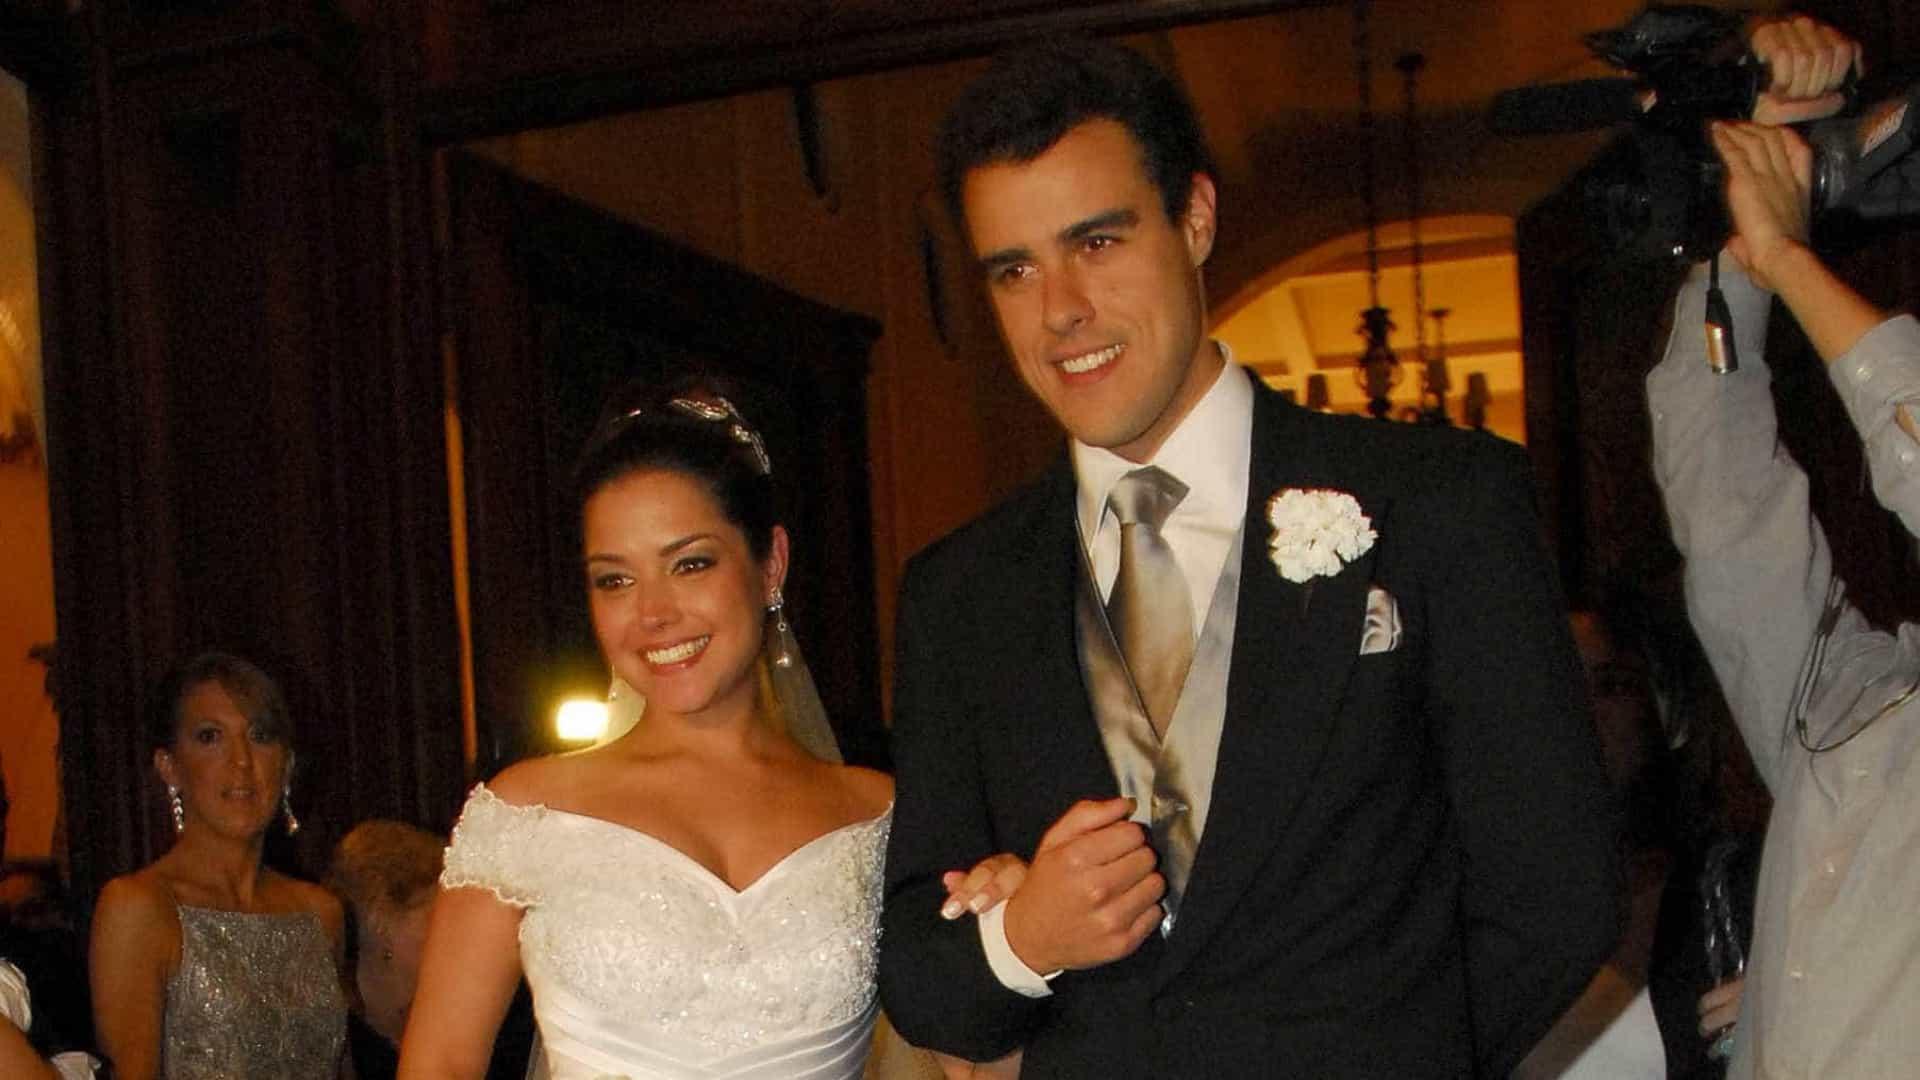 Thaís Fersoza e Joaquim Lopes no casamento (Foto: Reprodução)